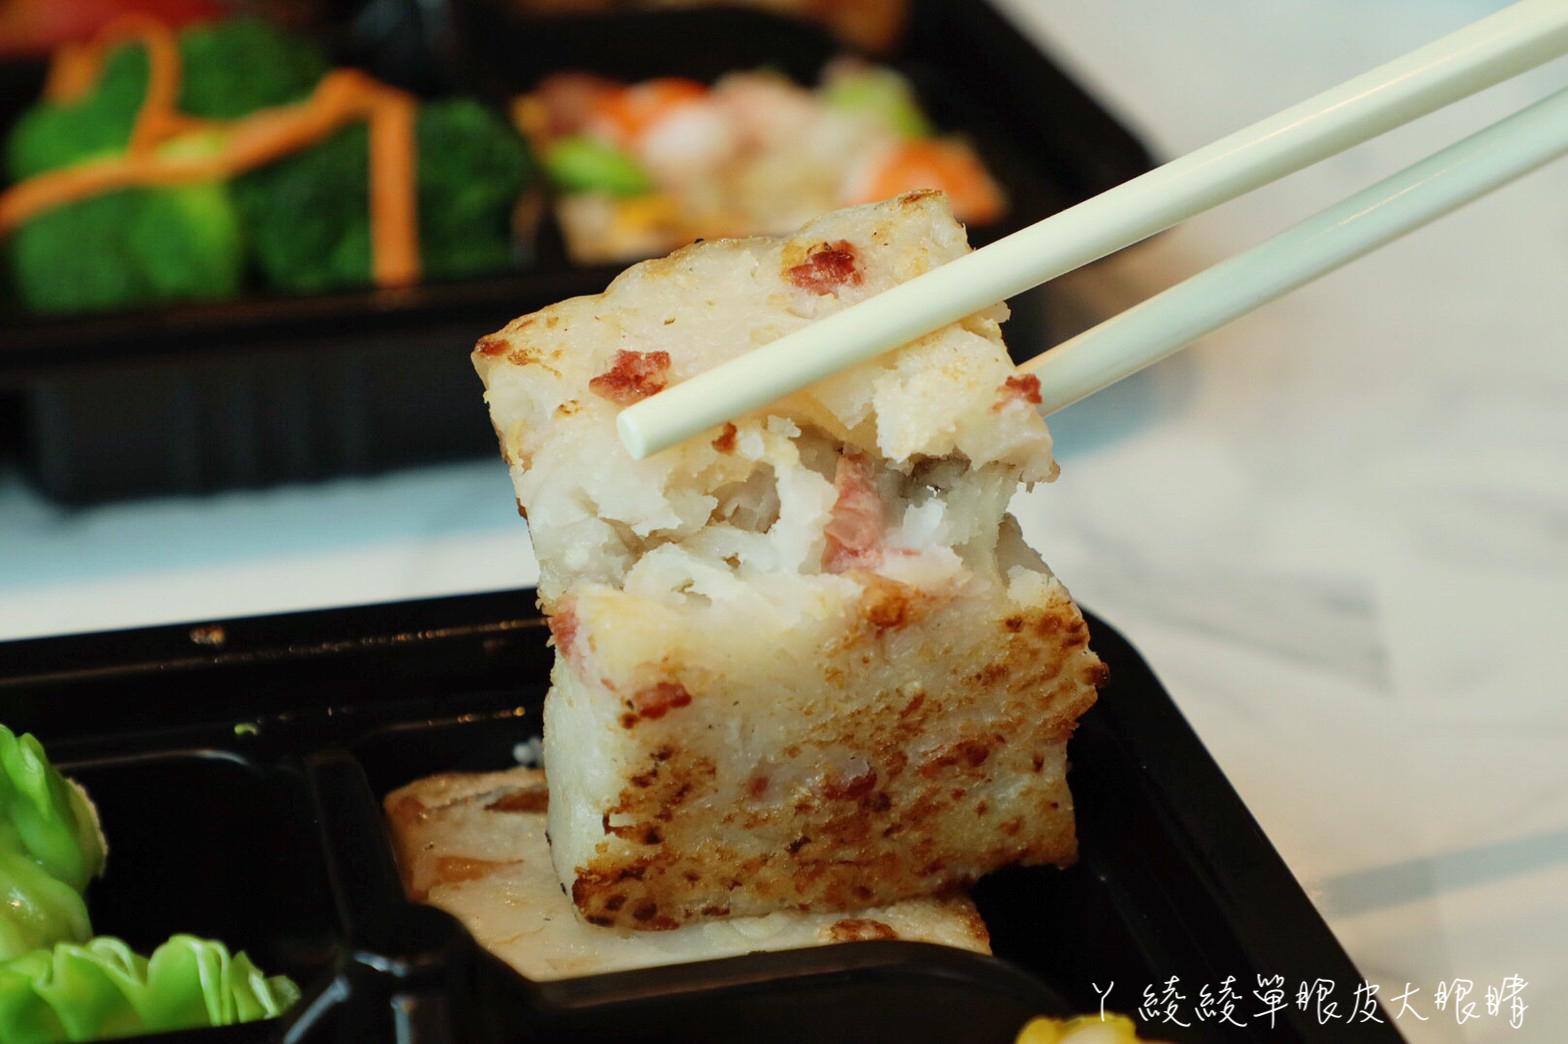 精選新竹5間豪華料理!父親節大餐在家吃更溫馨!活龍蝦海陸家庭餐、九宮格港點料理通通有